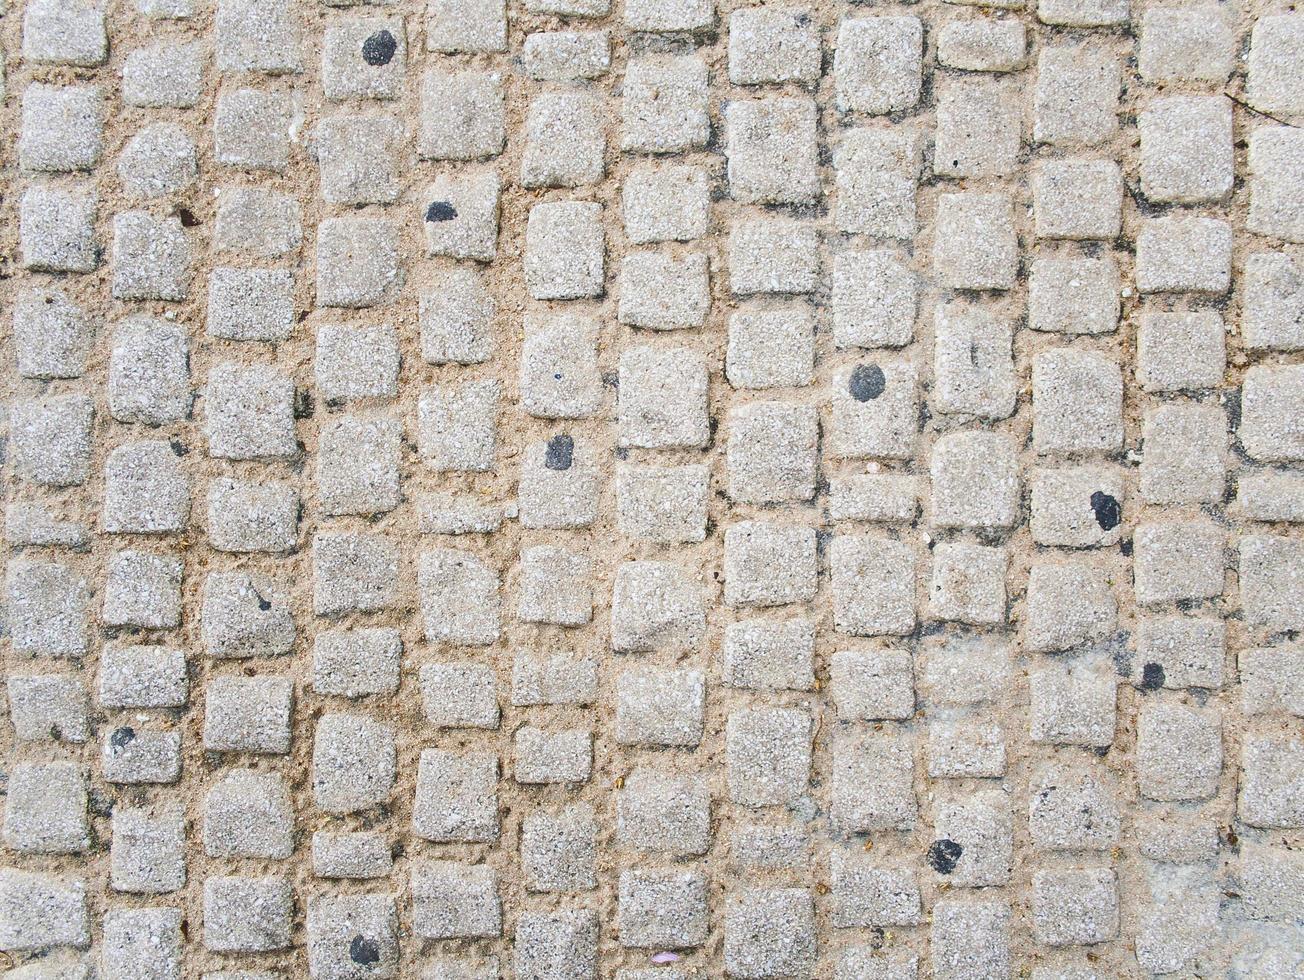 mönster av kullersten trottoar foto